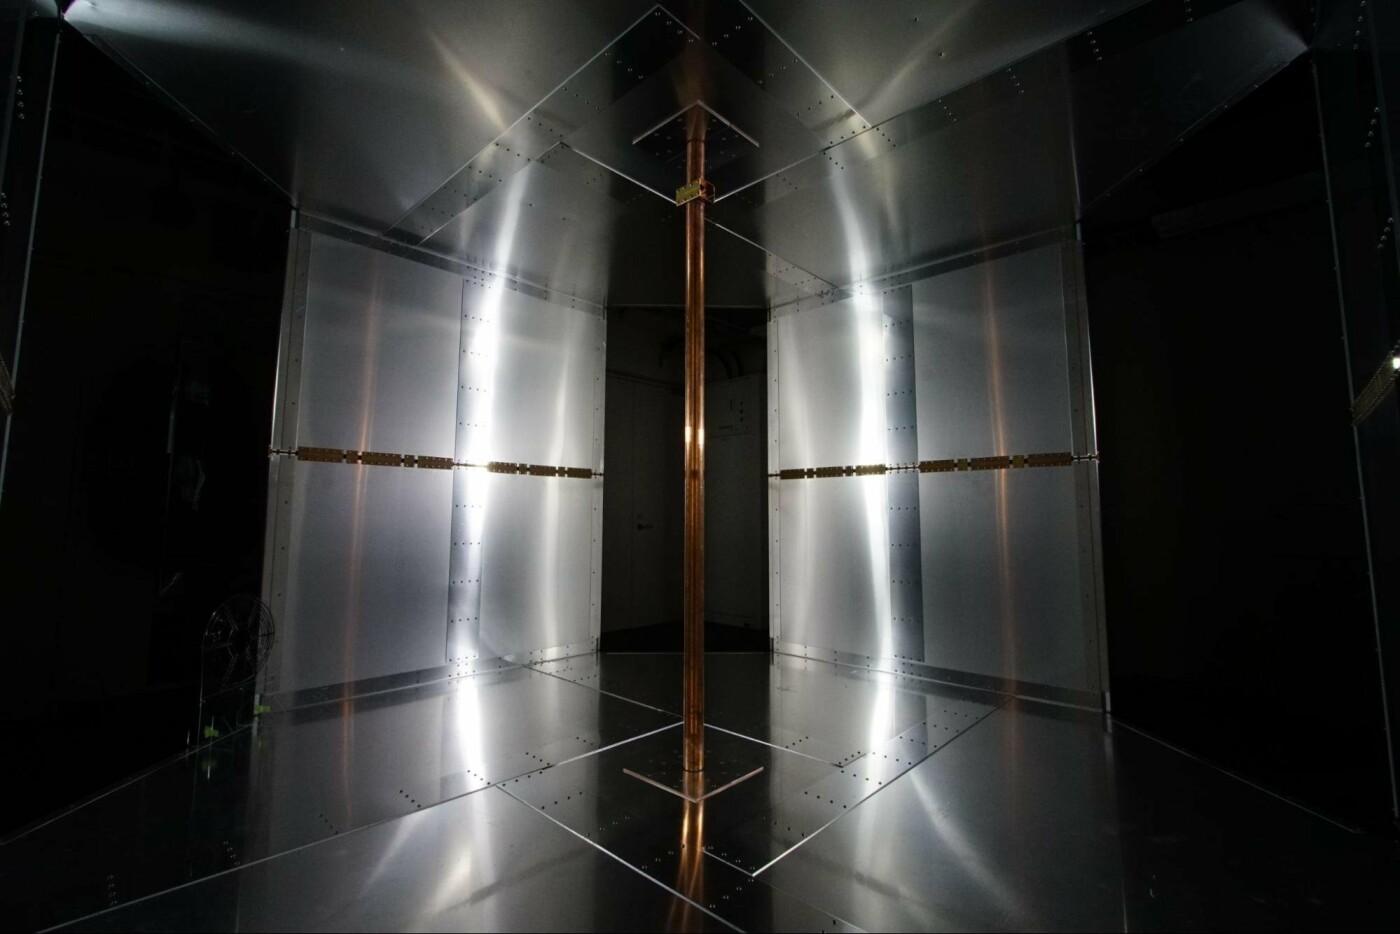 Инженеры создали комнату для зарядки гаджетов по воздуху, фото-1